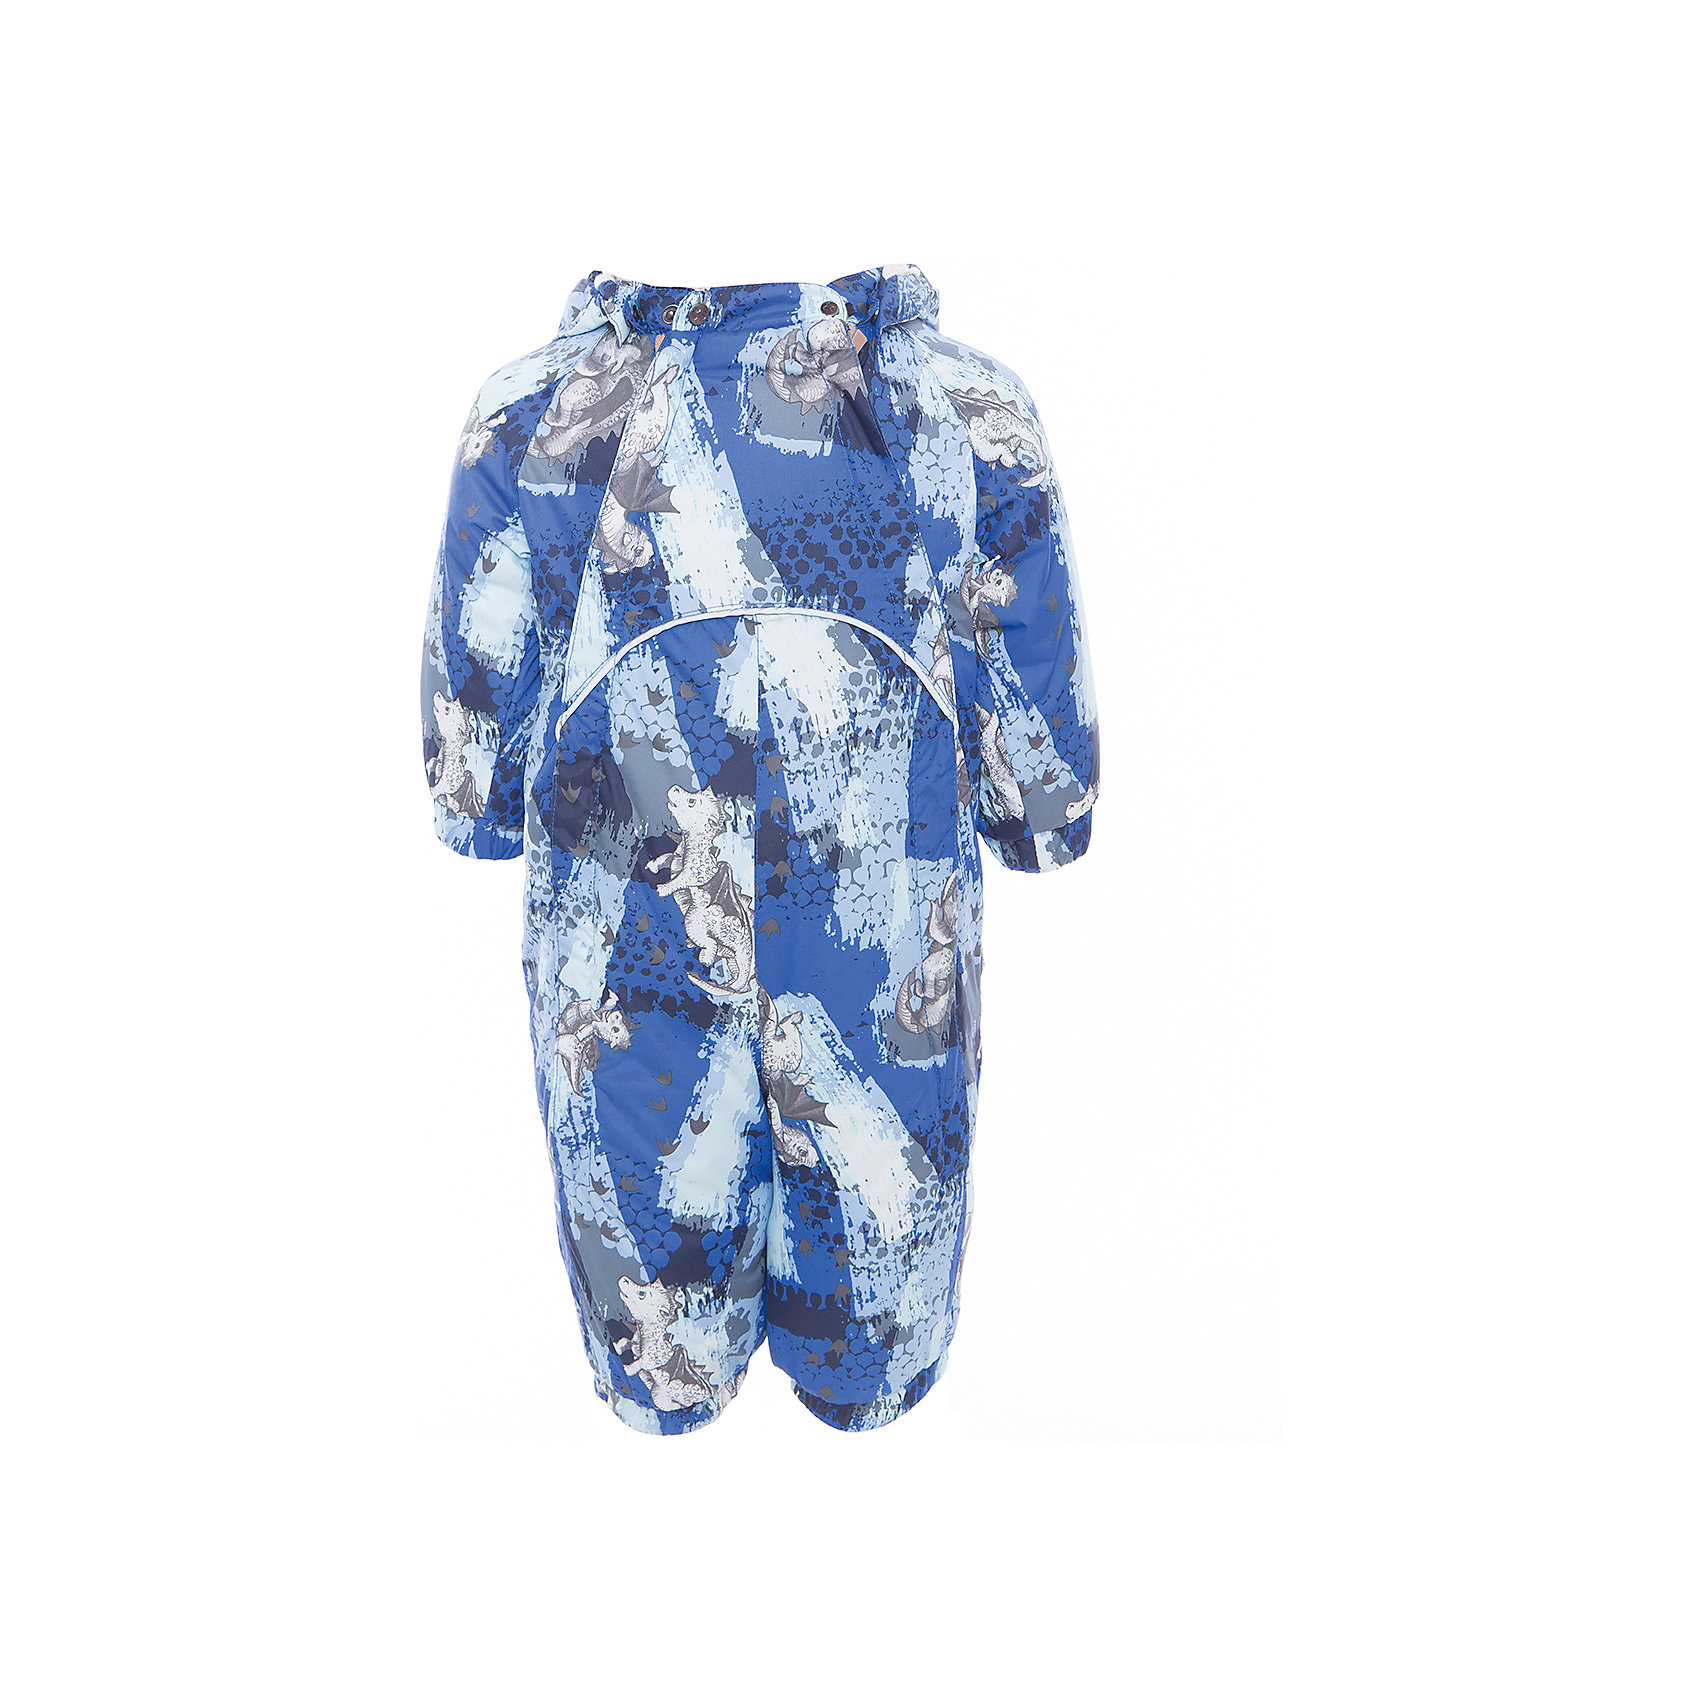 Комбинезон GOLDEN для мальчика HuppaВерхняя одежда<br>Характеристики товара:<br><br>• цвет: синий принт<br>• ткань: 100% полиэстер<br>• подкладка: фланель - 100% хлопок<br>• утеплитель: 100% полиэстер 100 г<br>• температурный режим: от -5°С до +10°С<br>• водонепроницаемость: 5000 мм<br>• воздухопроницаемость: 5000 мм<br>• светоотражающие детали<br>• мягкая подкладка<br>• шов сидения и боковые швы проклеены<br>• съёмный капюшон с резинкой<br>• манжеты рукавов с резинкой<br>• манжеты с отворотом у размеров 62-80<br>• манжеты брюк с резинкой<br>• съёмные эластичные штрипки<br>• без внутренних швов<br>• коллекция: весна-лето 2017<br>• страна бренда: Эстония<br><br>Этот удобный комбинезон обеспечит детям тепло и комфорт. Он сделан из материала, отталкивающего воду, и дополнен подкладкой с утеплителем, поэтому изделие идеально подходит для межсезонья. Материал изделия - с мембранной технологией: защищая от влаги и ветра, он легко выводит лишнюю влагу наружу. Комбинезон очень симпатично смотрится. <br><br>Одежда и обувь от популярного эстонского бренда Huppa - отличный вариант одеть ребенка можно и комфортно. Вещи, выпускаемые компанией, качественные, продуманные и очень удобные. Для производства изделий используются только безопасные для детей материалы. Продукция от Huppa порадует и детей, и их родителей!<br><br>Комбинезон GOLDEN от бренда Huppa (Хуппа) можно купить в нашем интернет-магазине.<br><br>Ширина мм: 356<br>Глубина мм: 10<br>Высота мм: 245<br>Вес г: 519<br>Цвет: синий<br>Возраст от месяцев: 12<br>Возраст до месяцев: 18<br>Пол: Мужской<br>Возраст: Детский<br>Размер: 86,62,68,74,80<br>SKU: 5346452